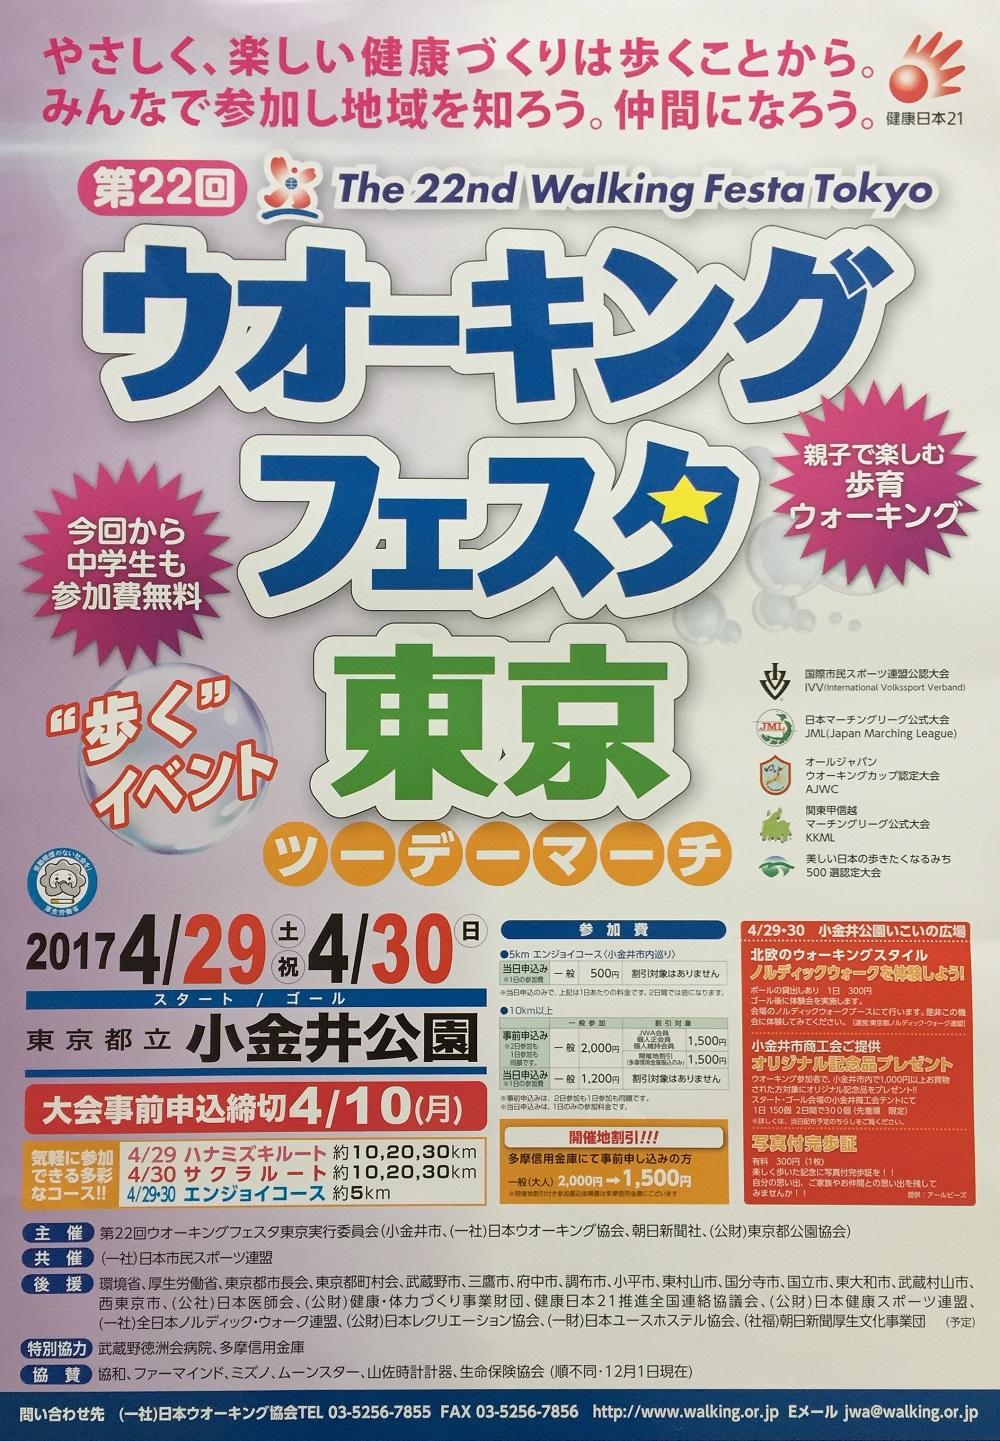 第22回ウォーキングフェスタ東京